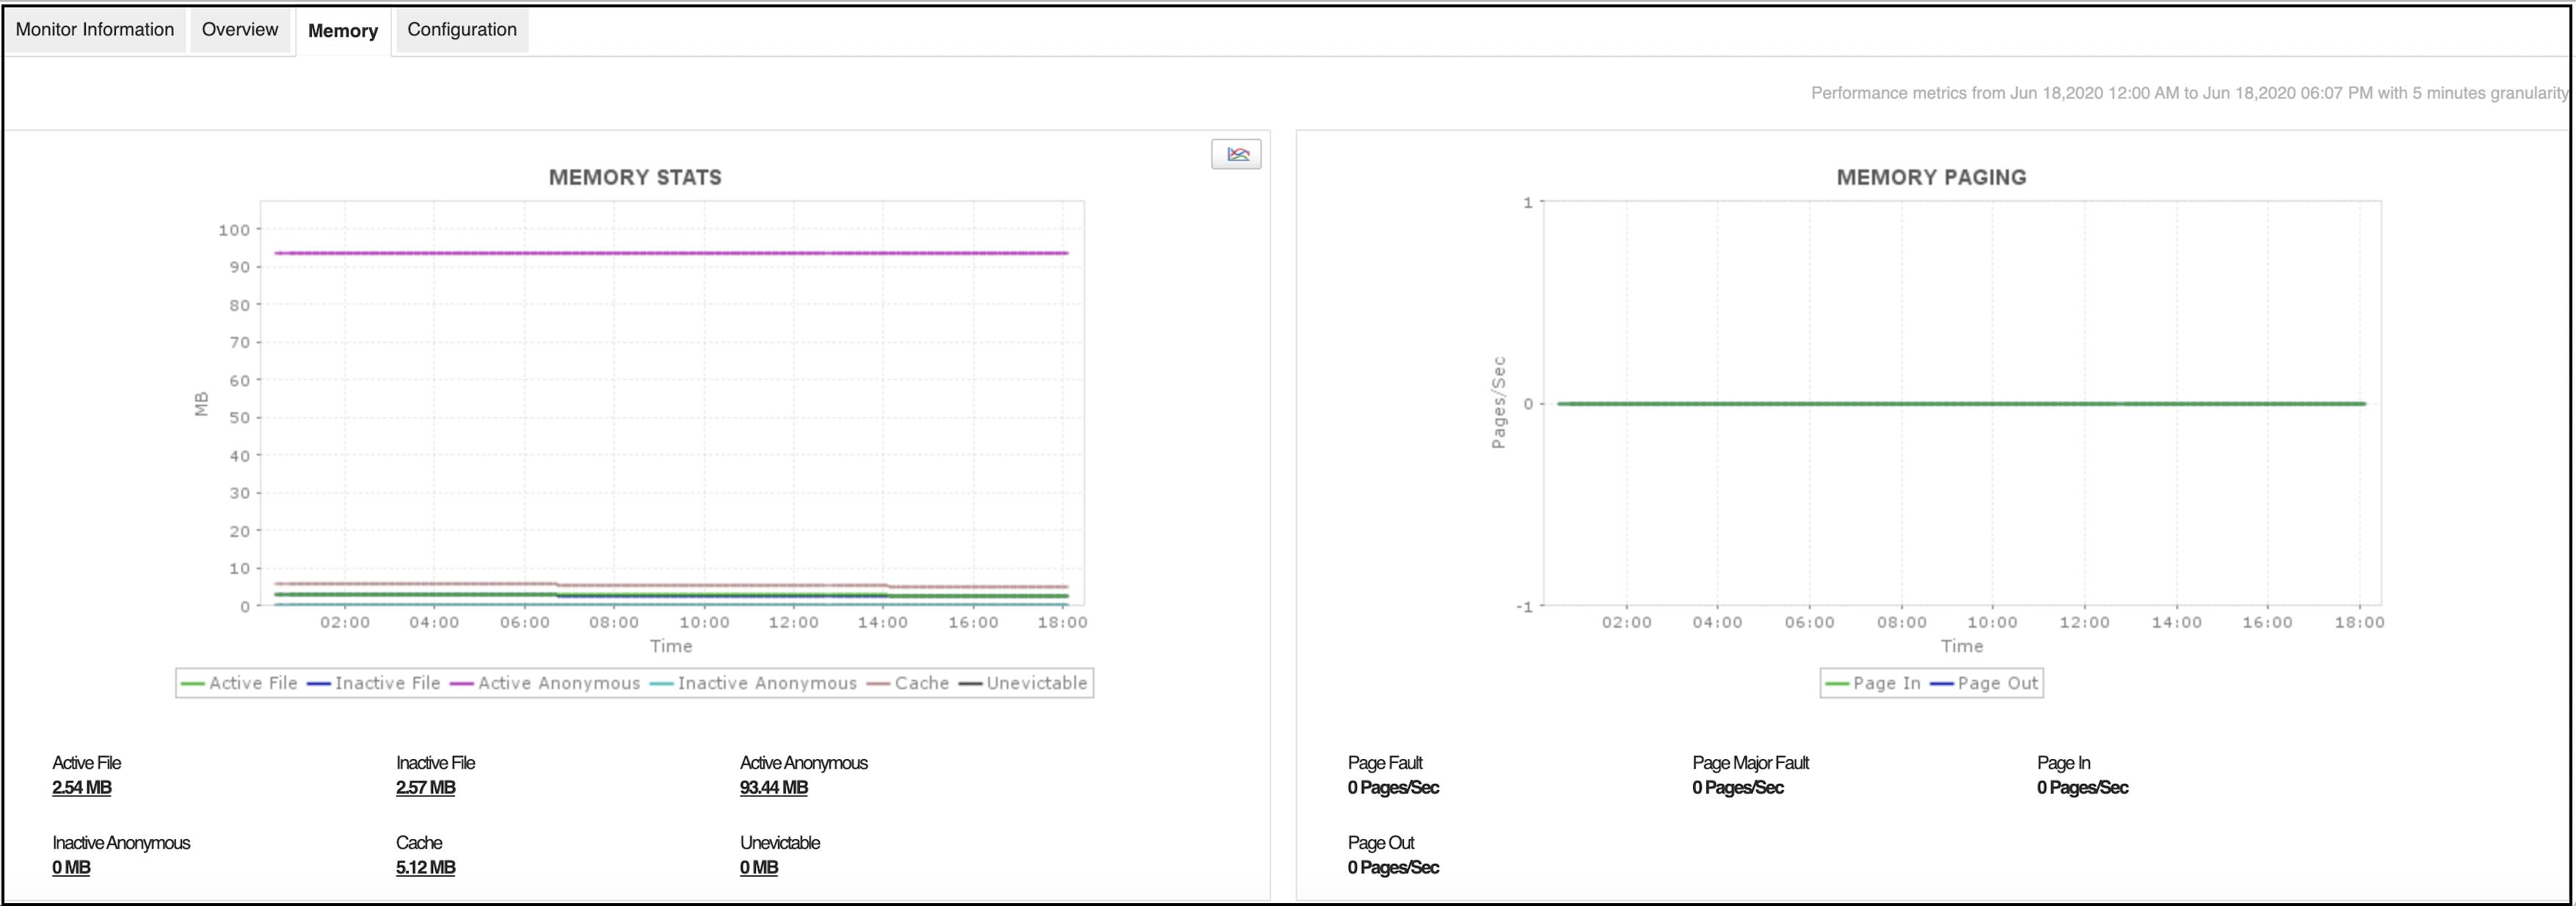 Ferramentas de monitoramento de contêiner Docker - ManageEngine Applications Manager